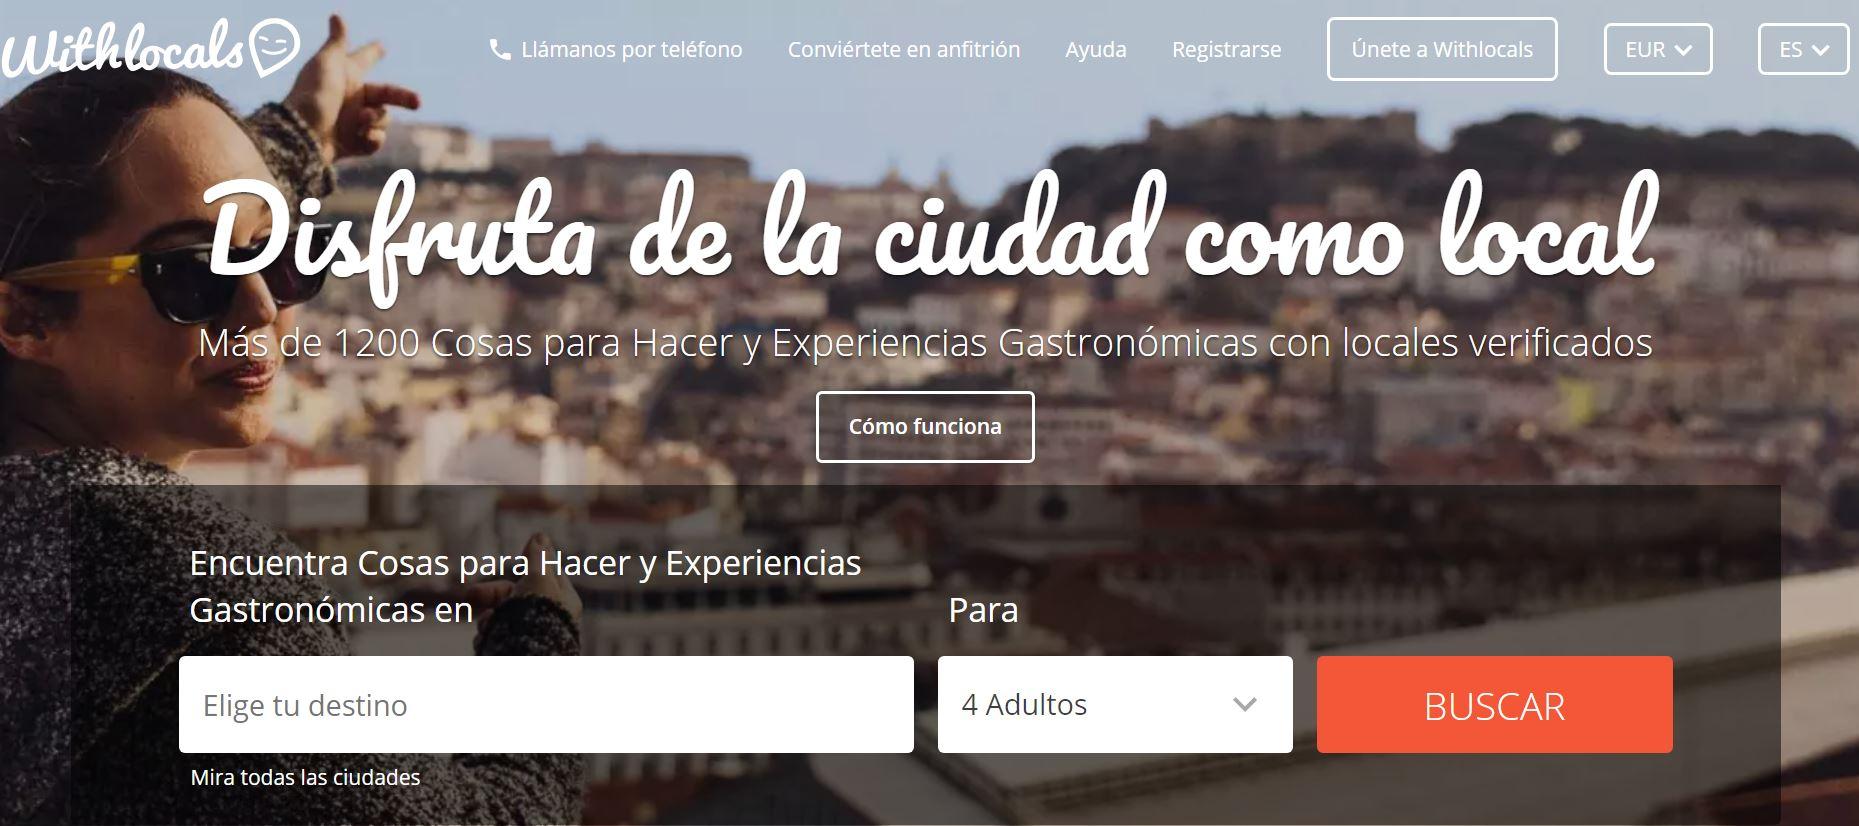 Mejores aplicaciones y sitios web de viajes